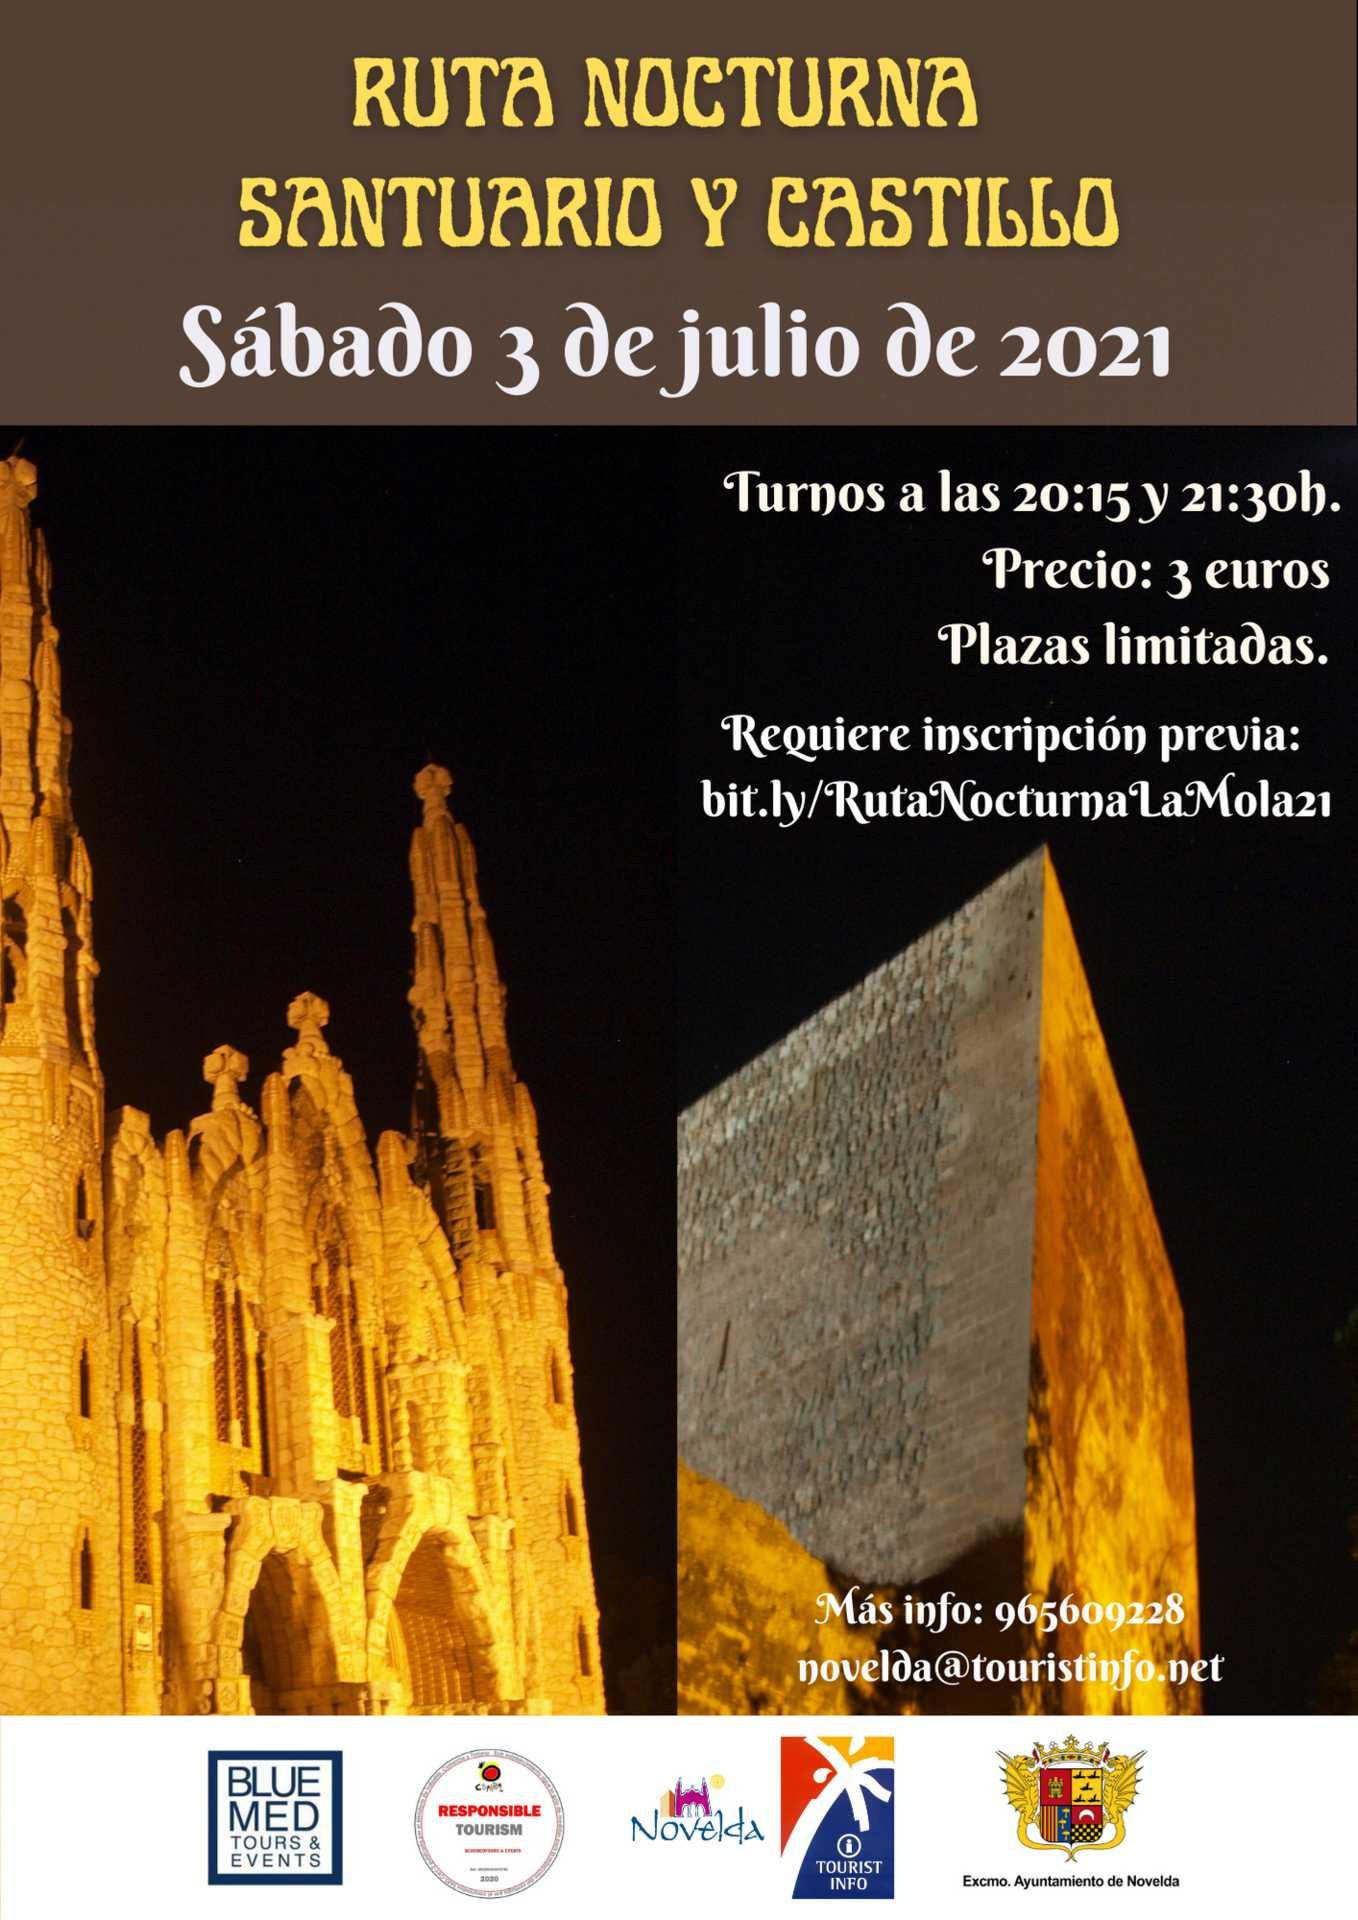 Ruta nocturna al  Santuario y Castillo de Novelda 3 de julio 2021